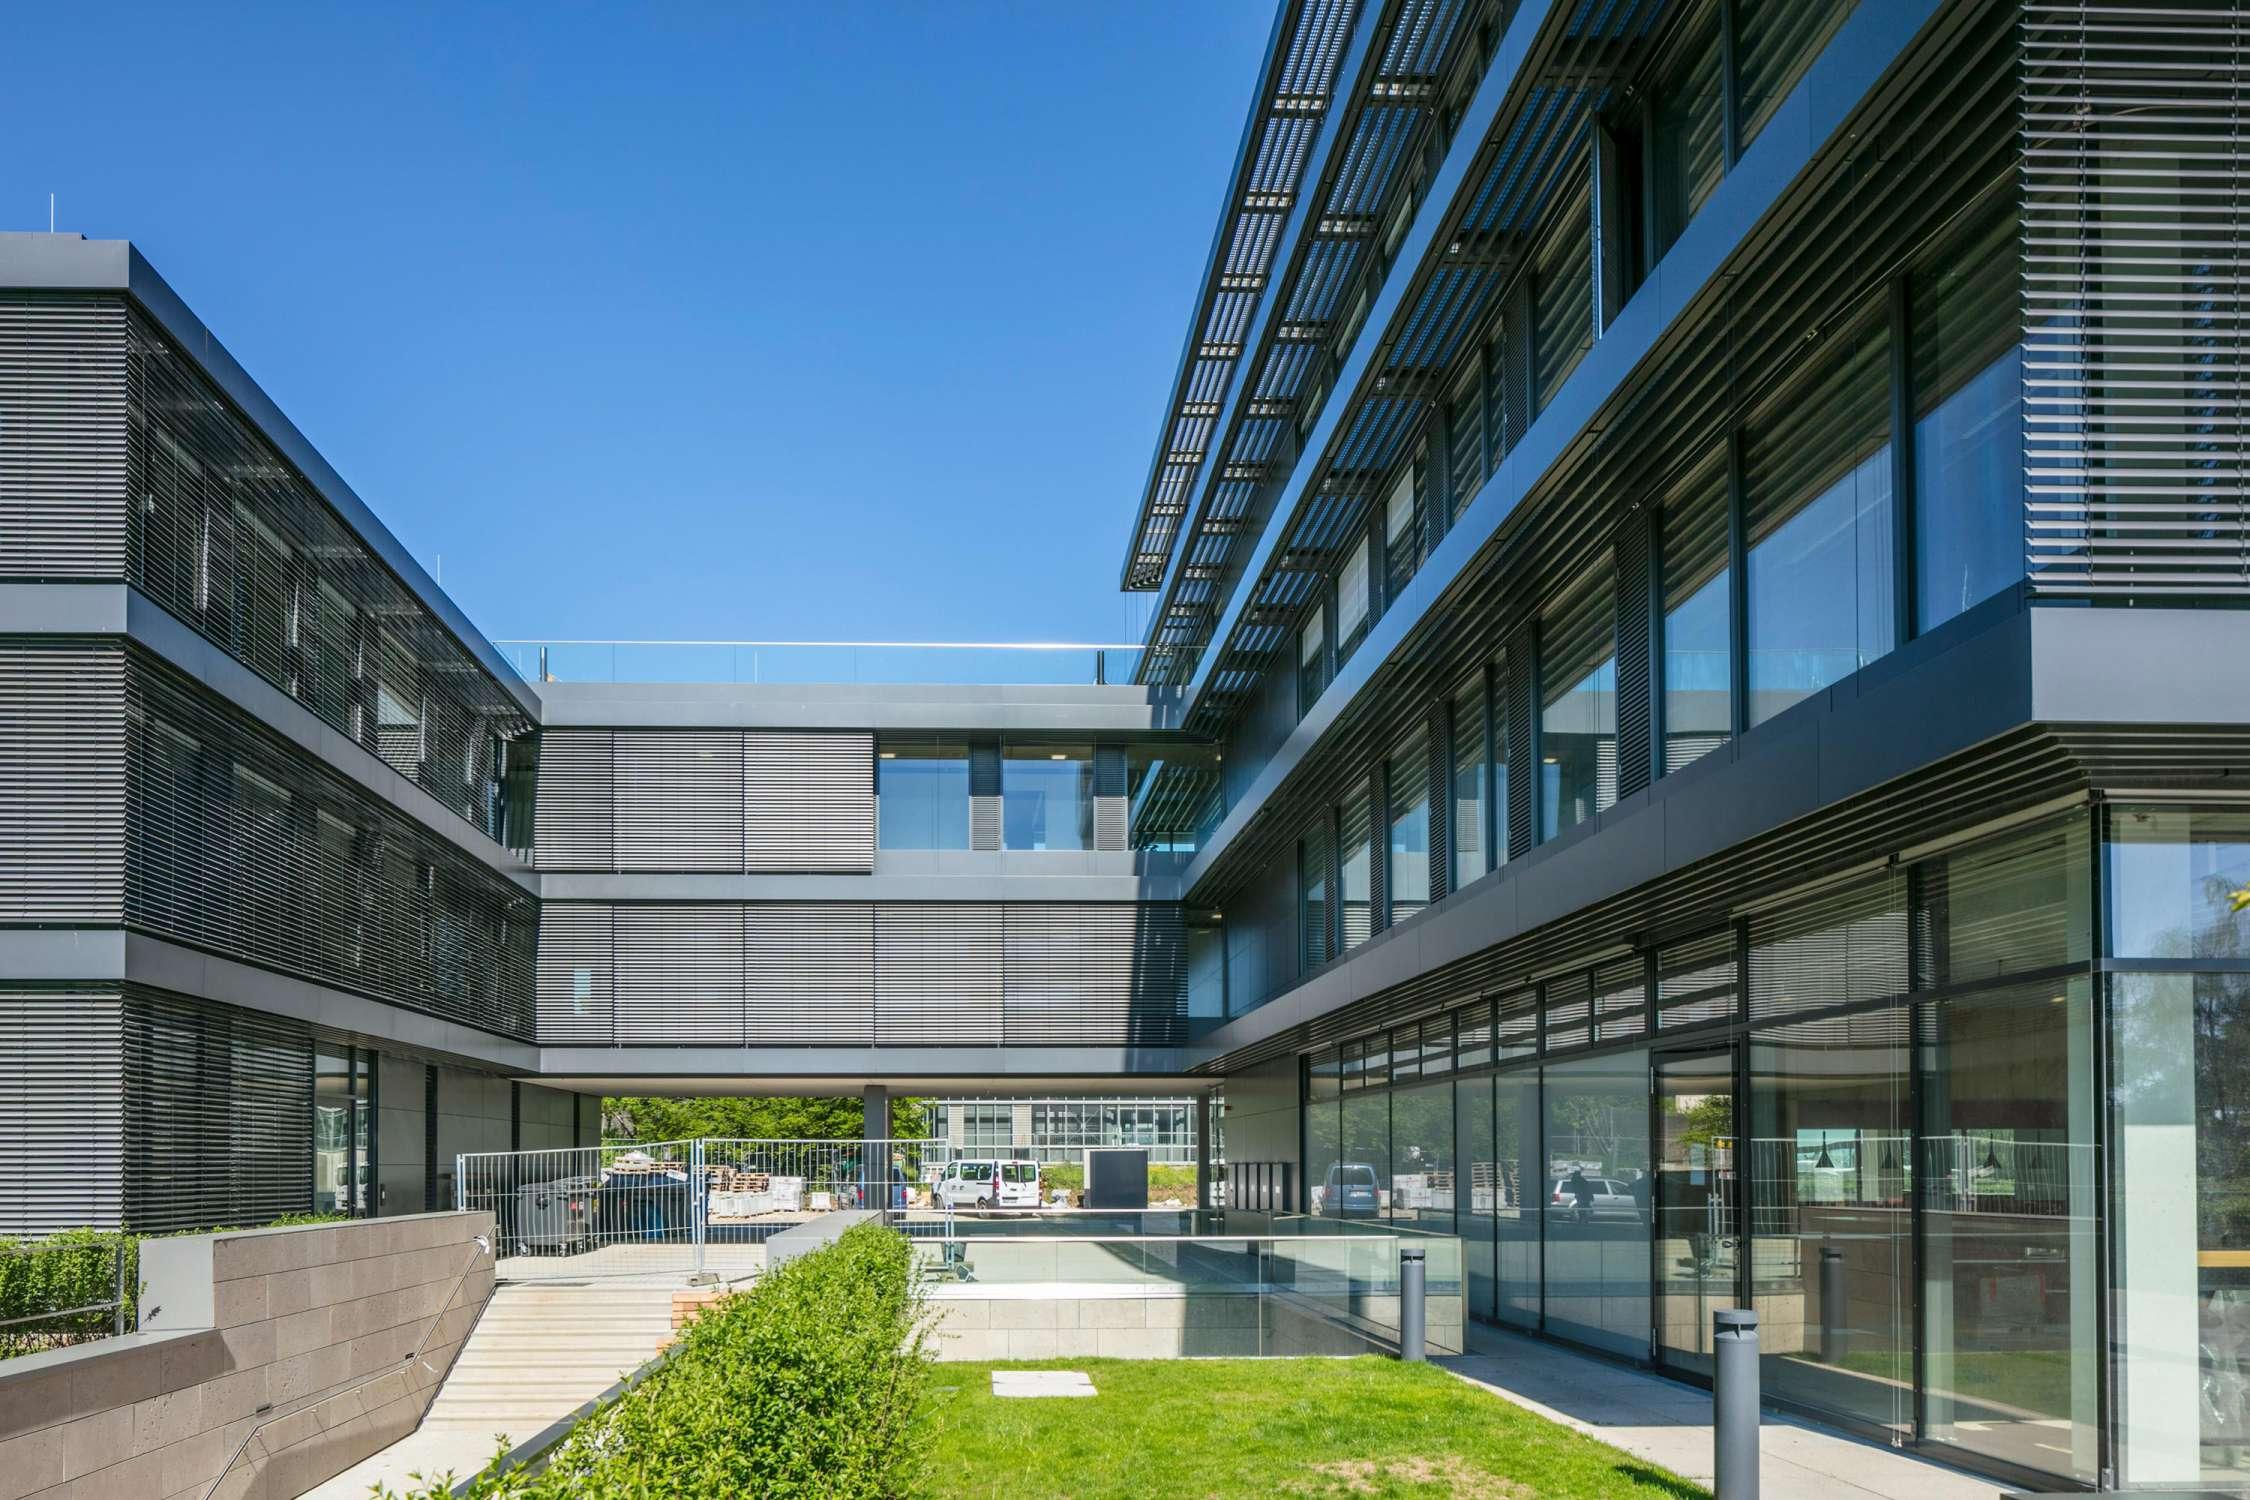 Institut für Intelligente Systeme (3)